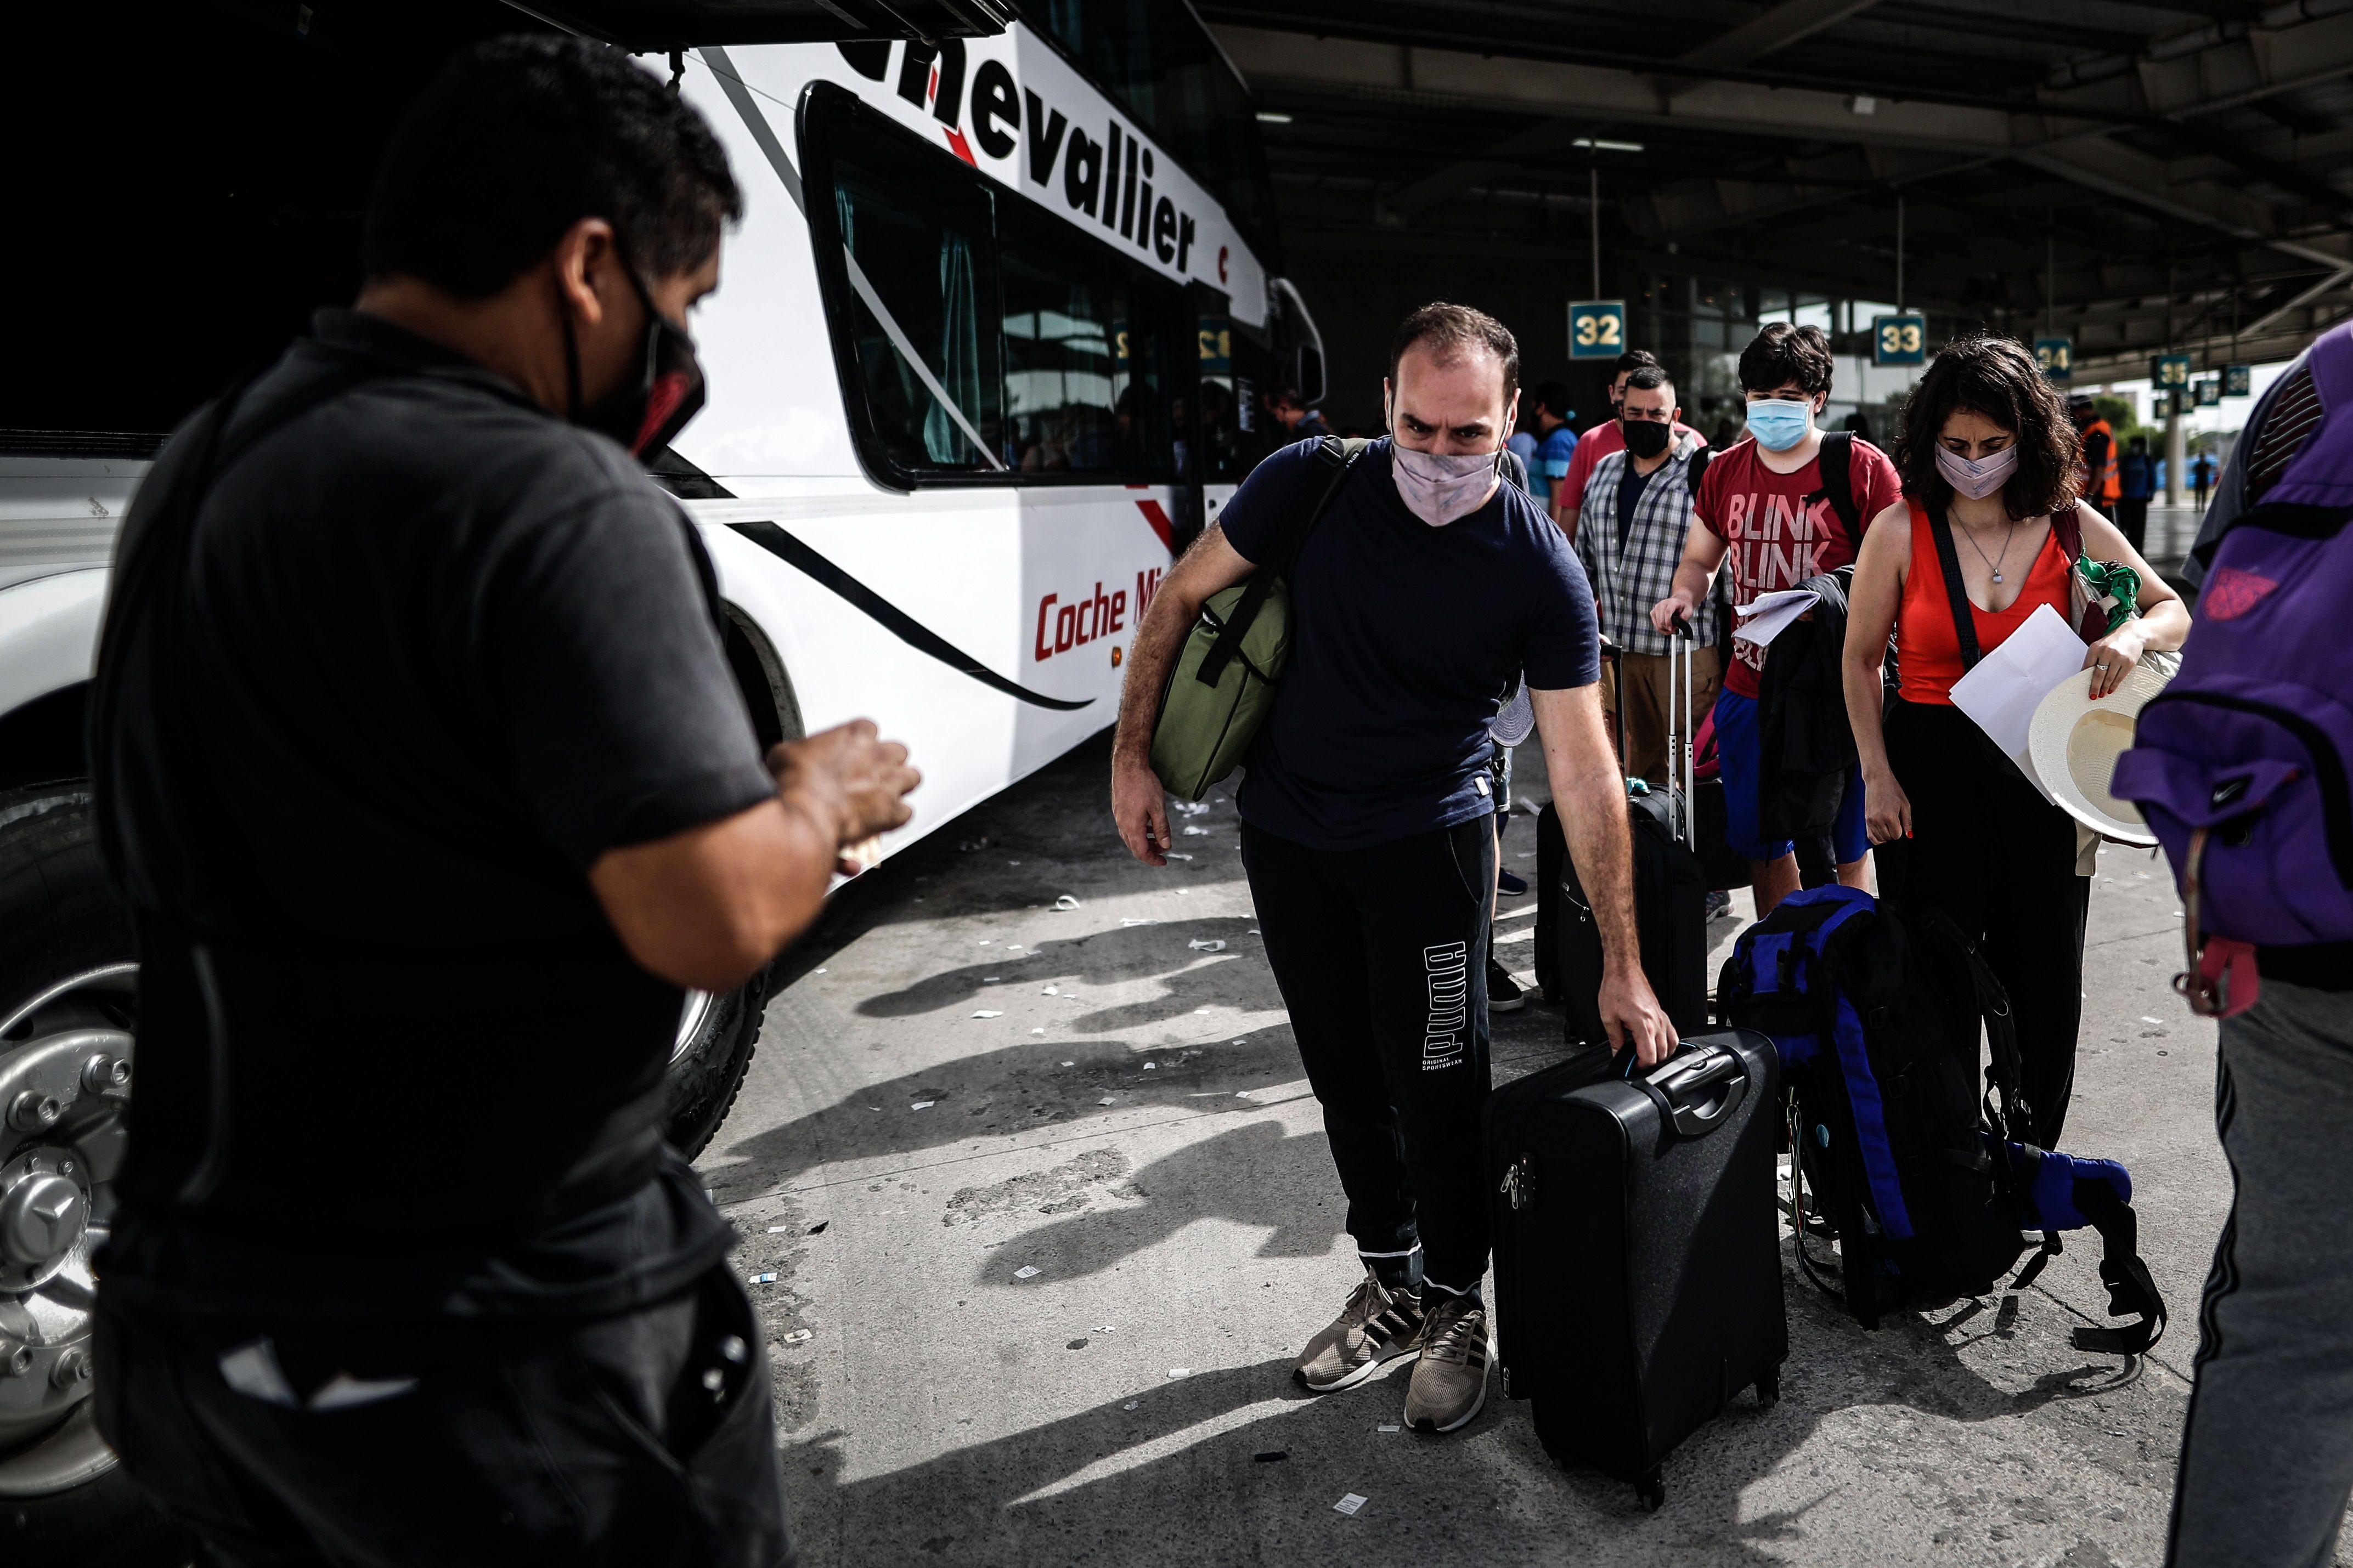 Varias personas esperan en una terminal de transporte para abordar un ómnibus en Buenos Aires, en medio del creciente contagio por COVID-19 en plena vacación estival. EFE/Juan Ignacio Roncoroni